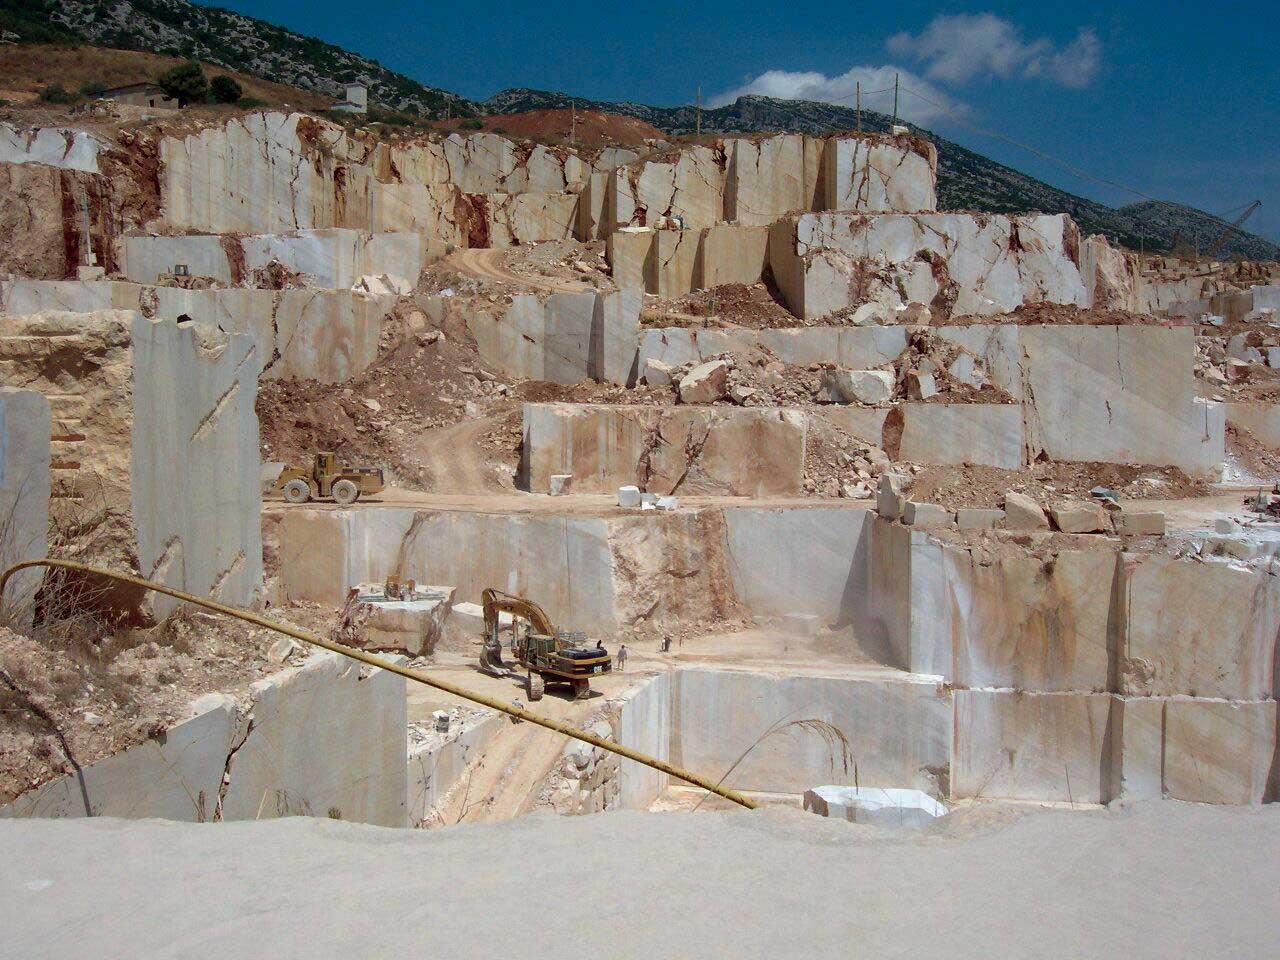 Marmomacc cave-orosei 1